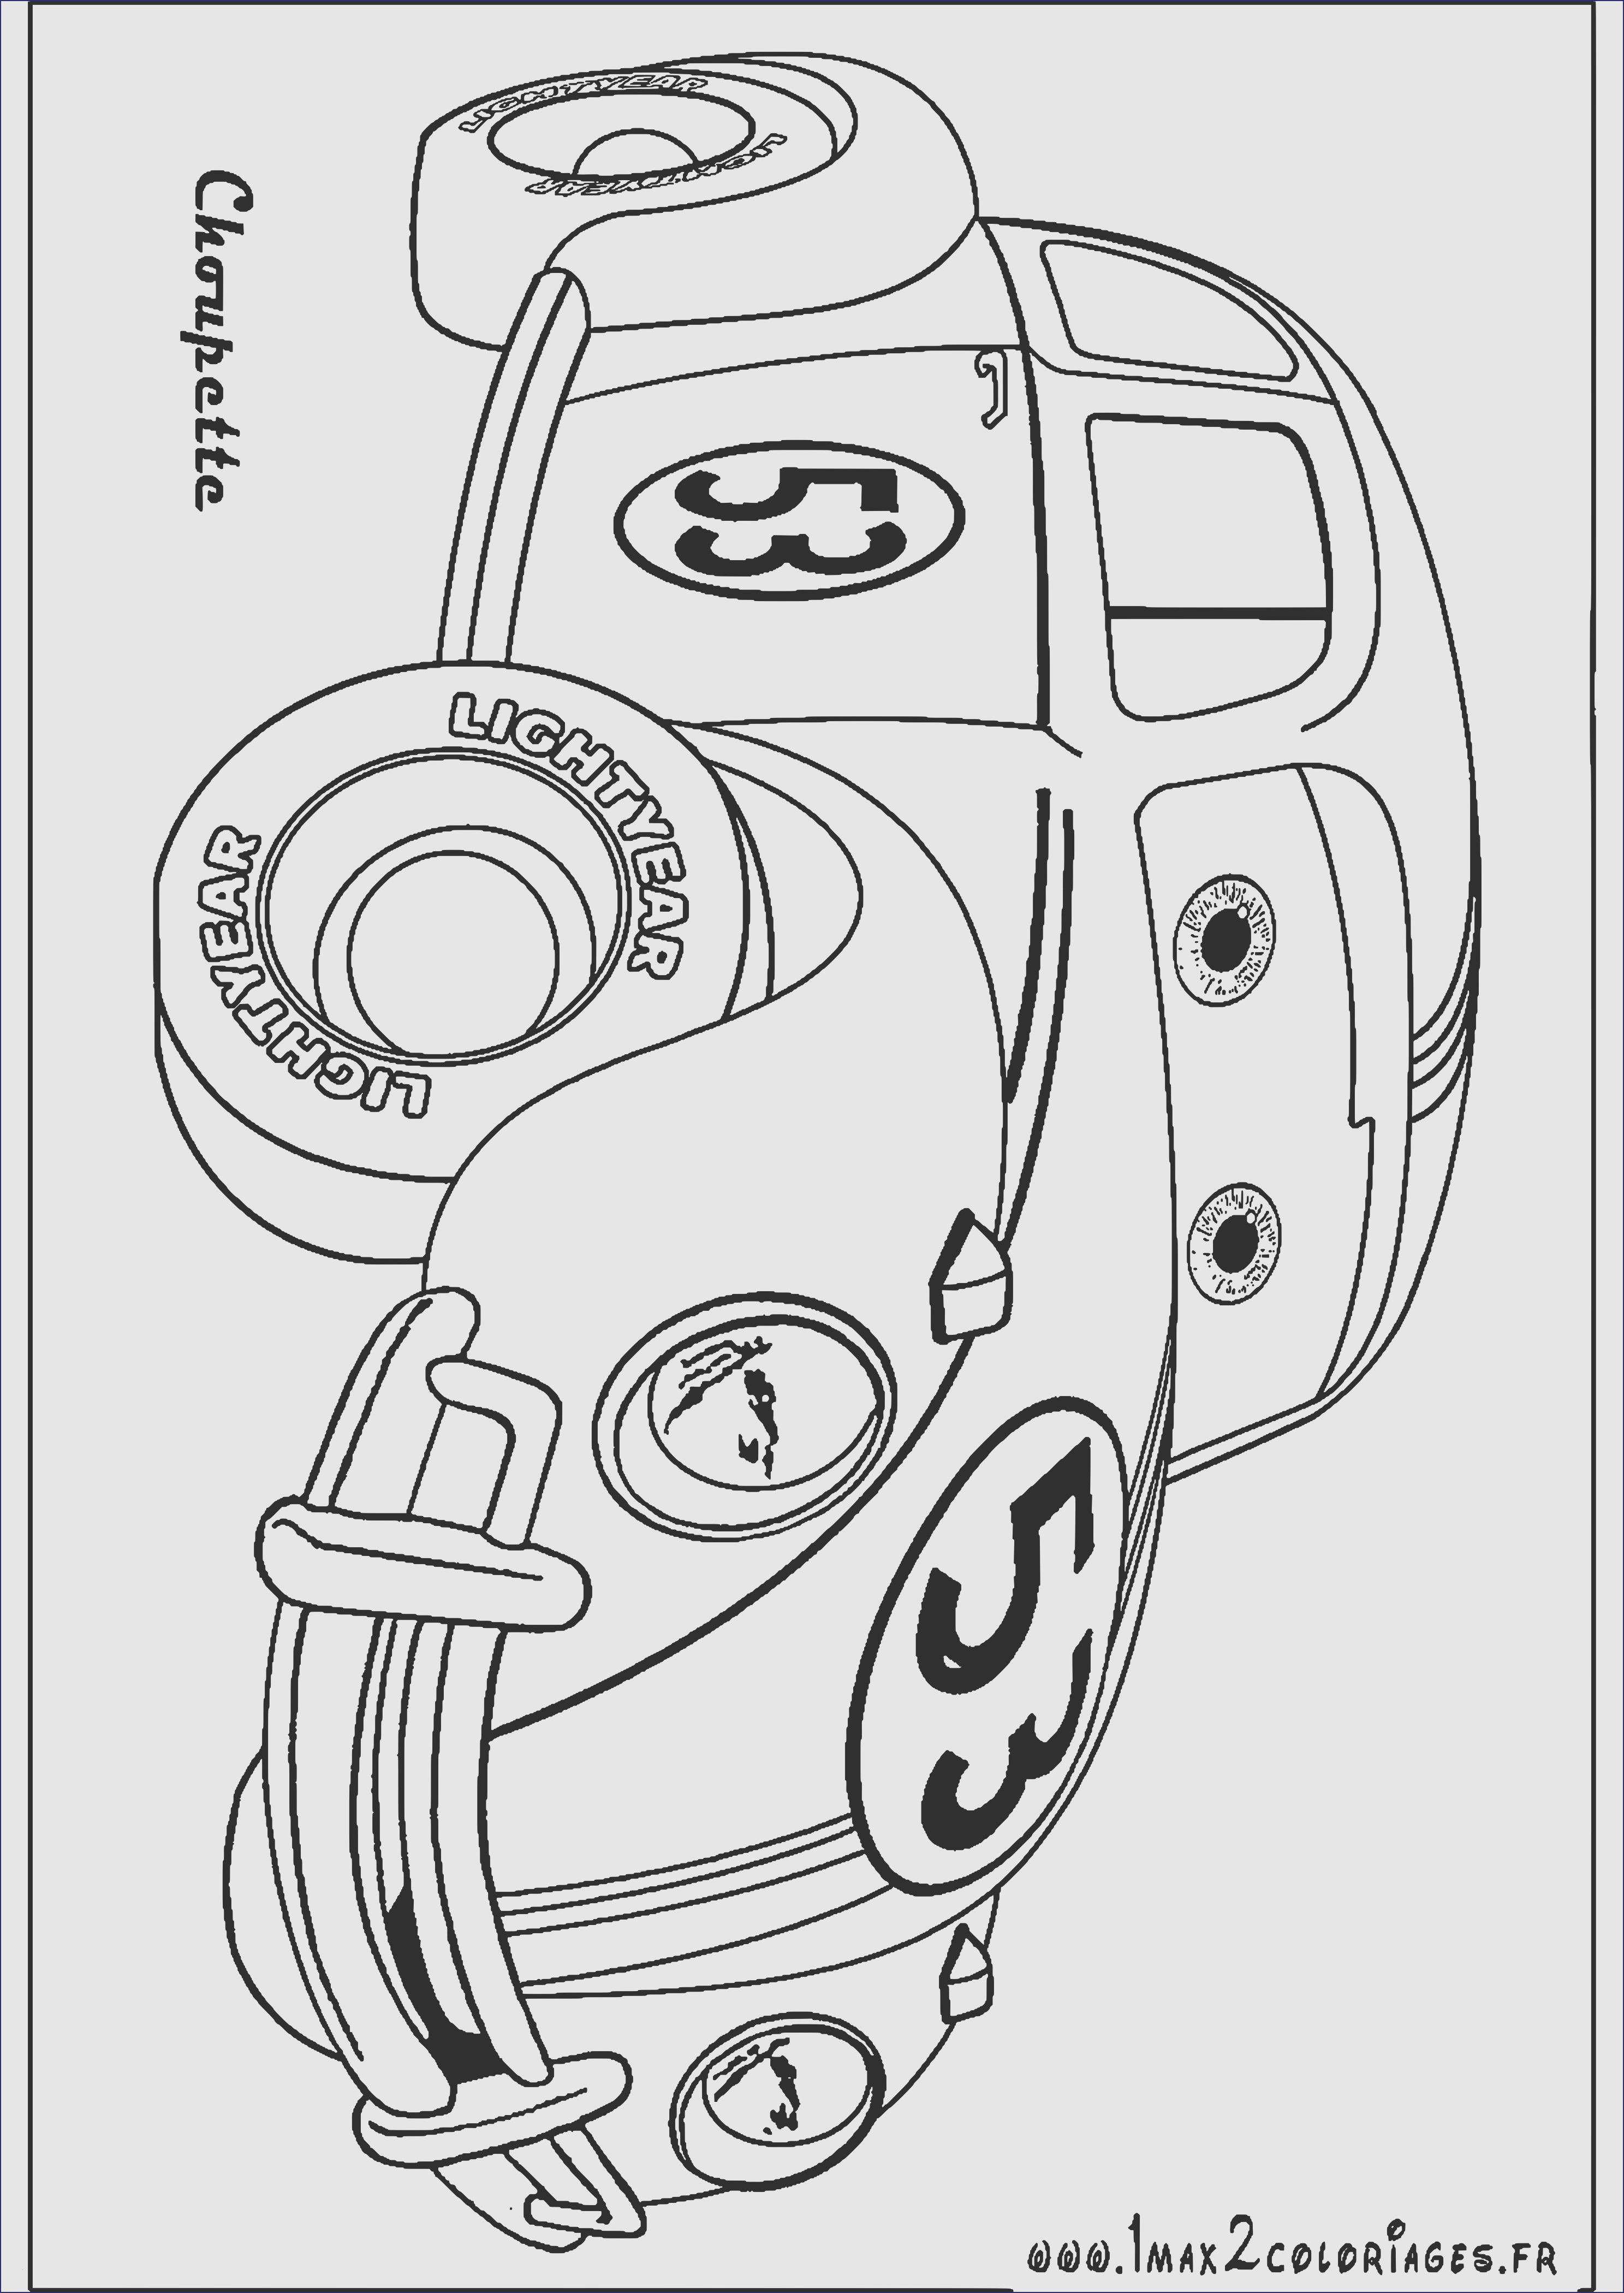 Alvin Und Die Chipmunks Ausmalbilder Genial Ausmalbilder Landschaft Schön Ausmalbilder Opel Uploadertalk Das Bild